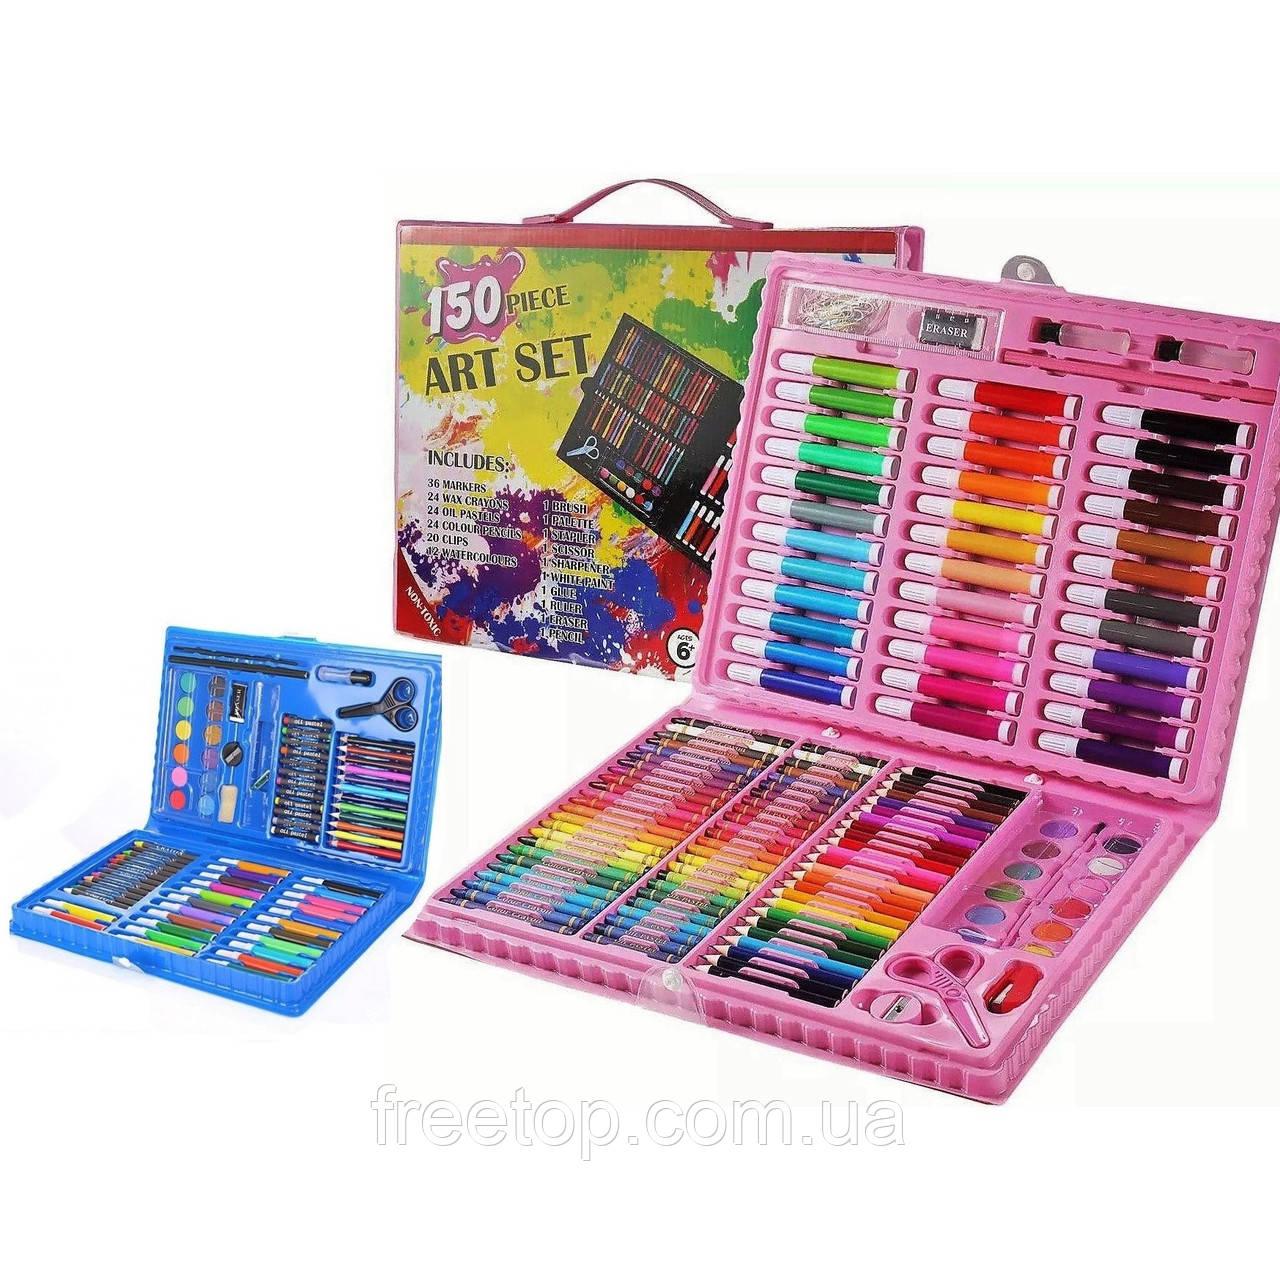 Дитячий художній набір для малювання Art set 150 предметів (на вибір для хлопчика/дівчинки